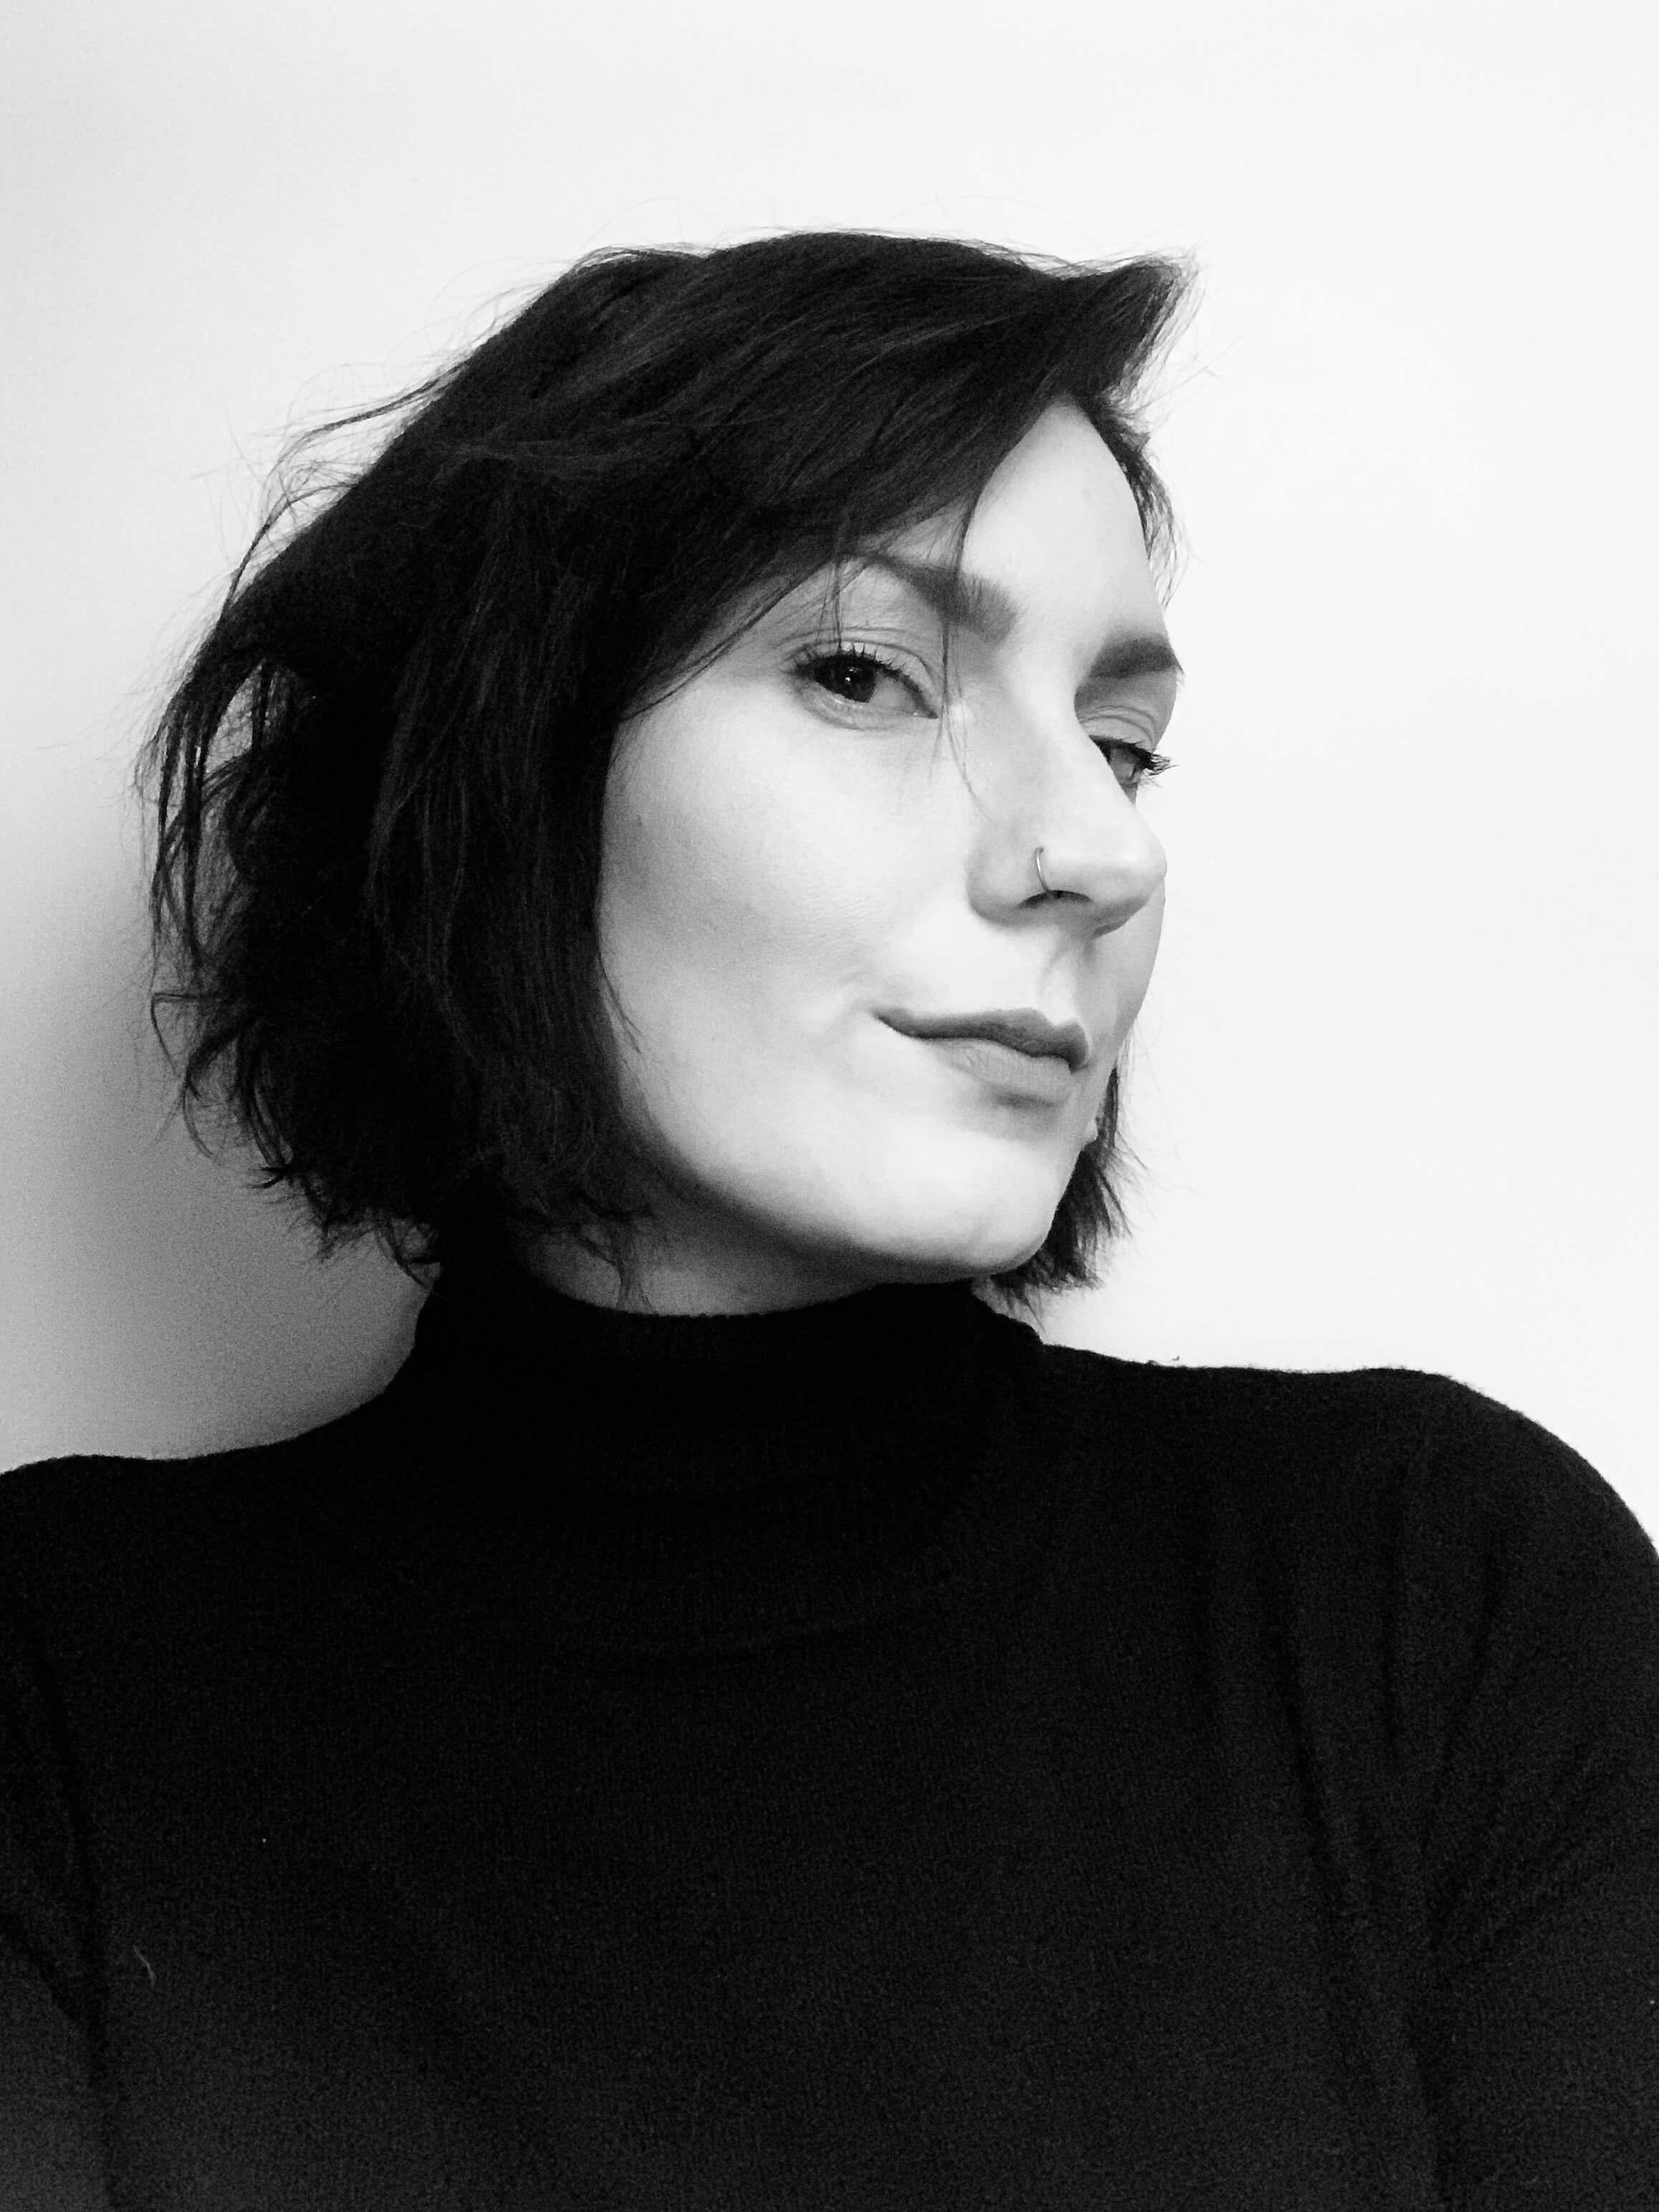 Juliana Morozowski